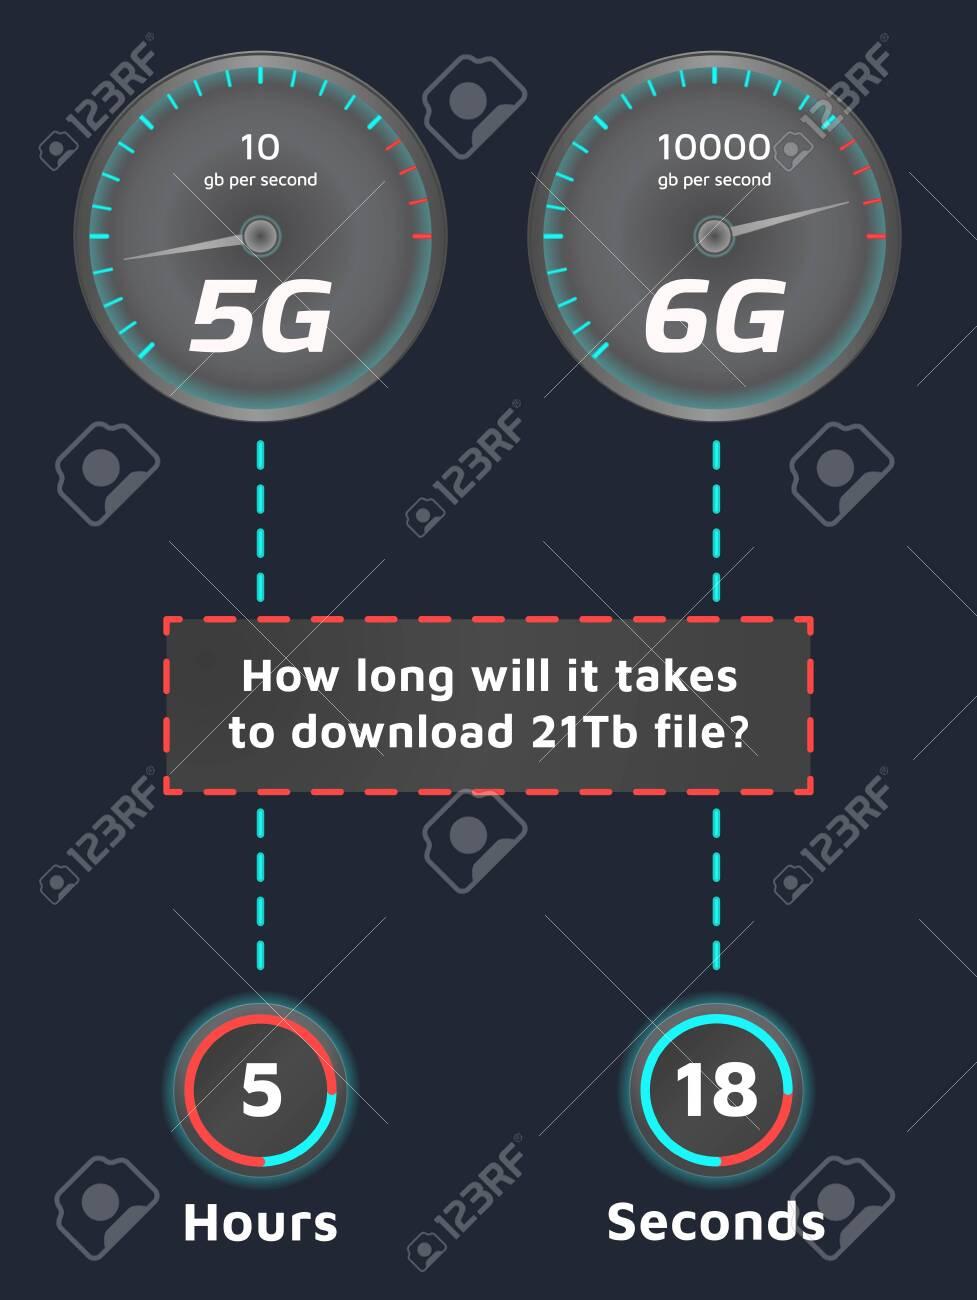 Imagini pentru 6G